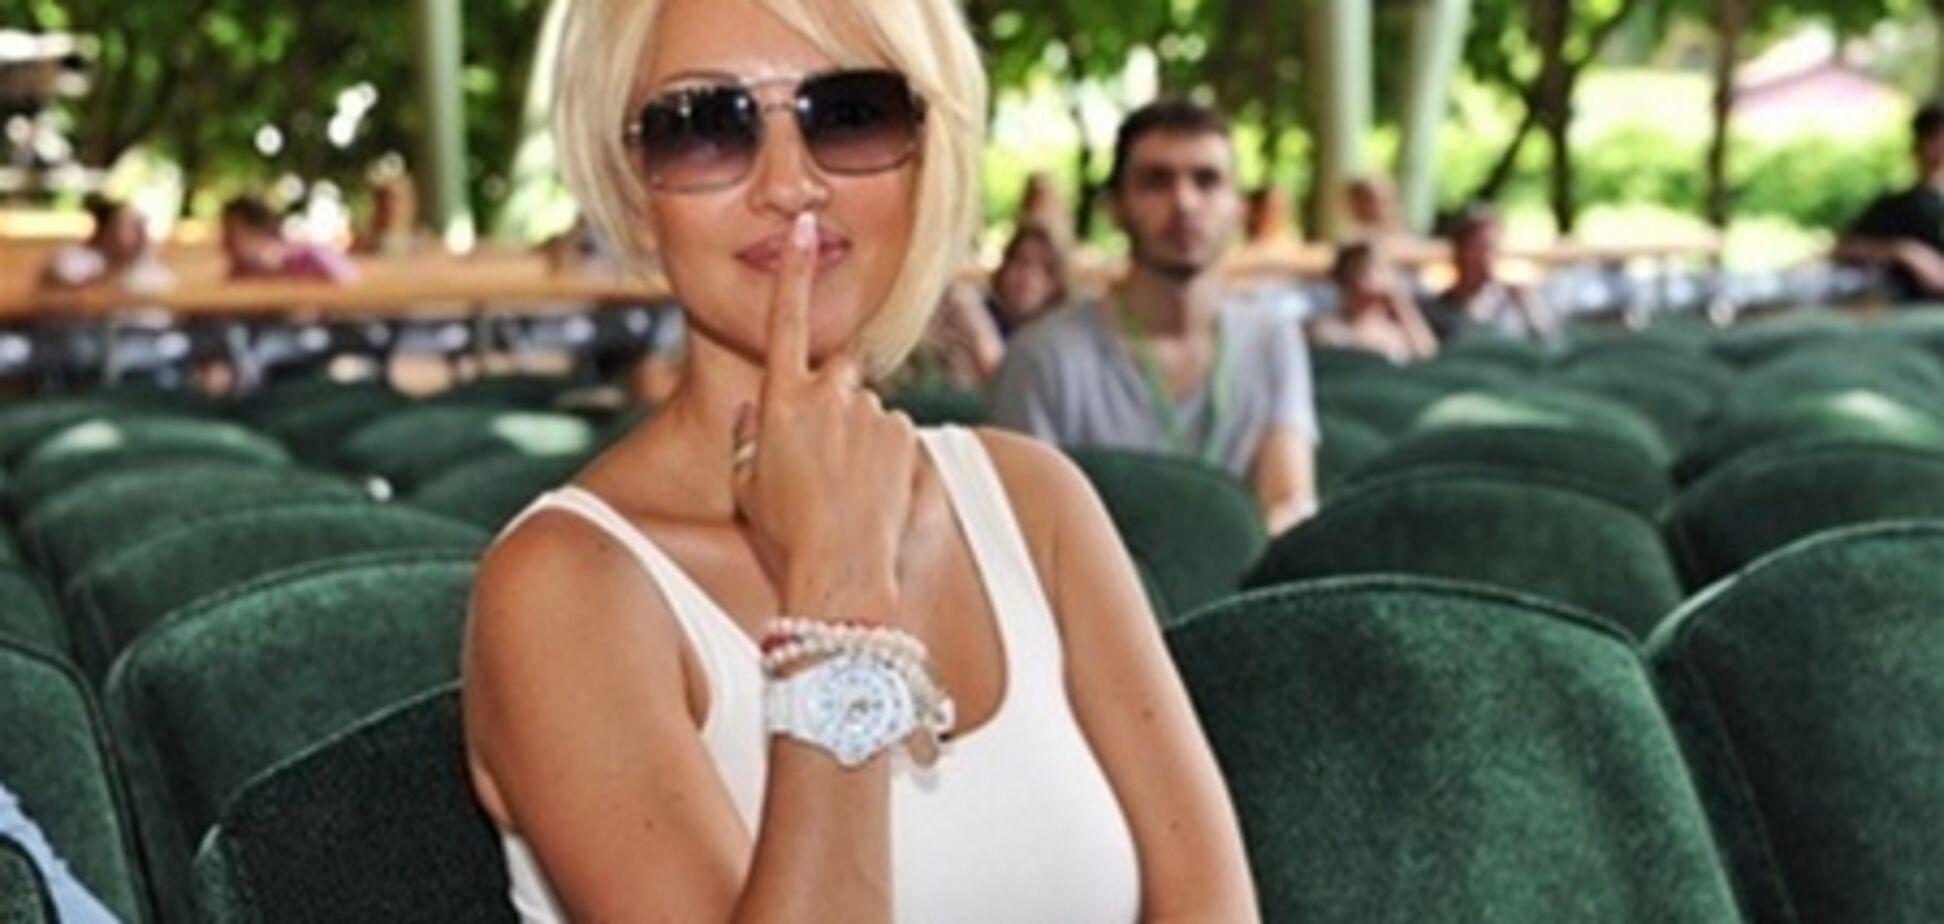 Весілля Кудрявцевої обійдеться їй мінімум в $ 300 тис.